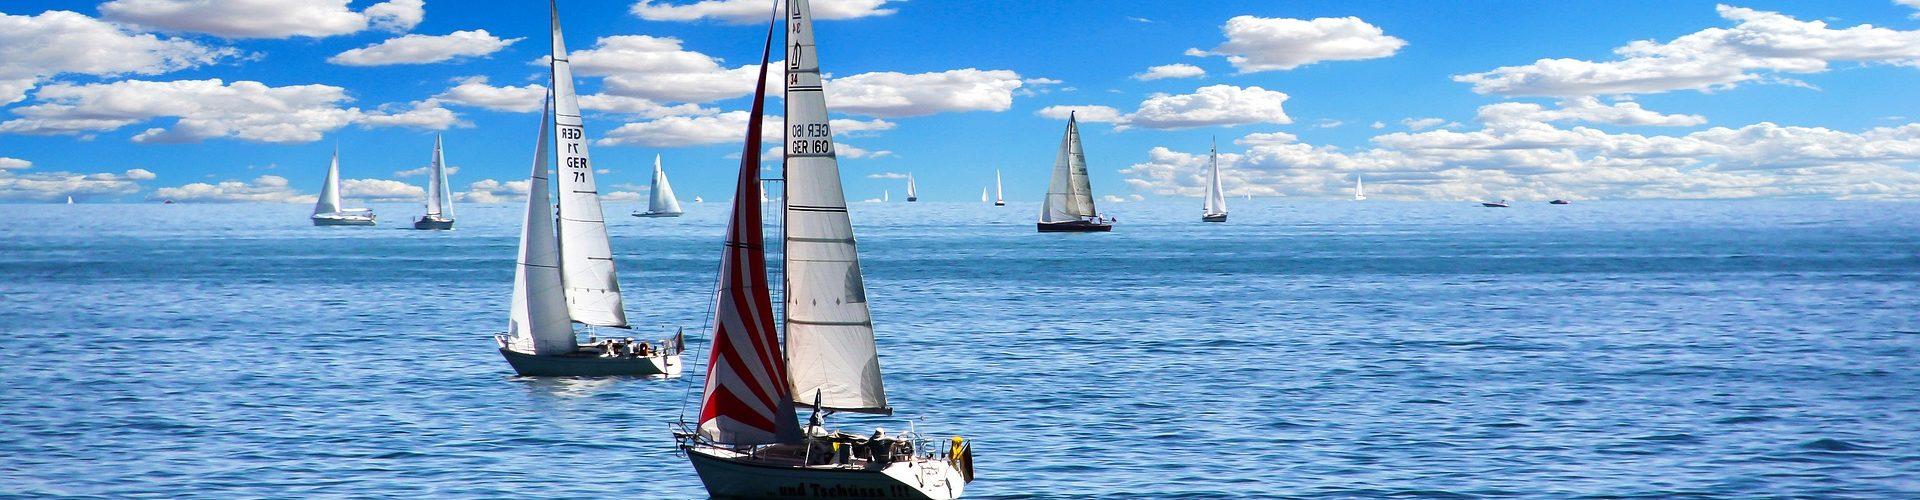 segeln lernen in Kellinghusen segelschein machen in Kellinghusen 1920x500 - Segeln lernen in Kellinghusen